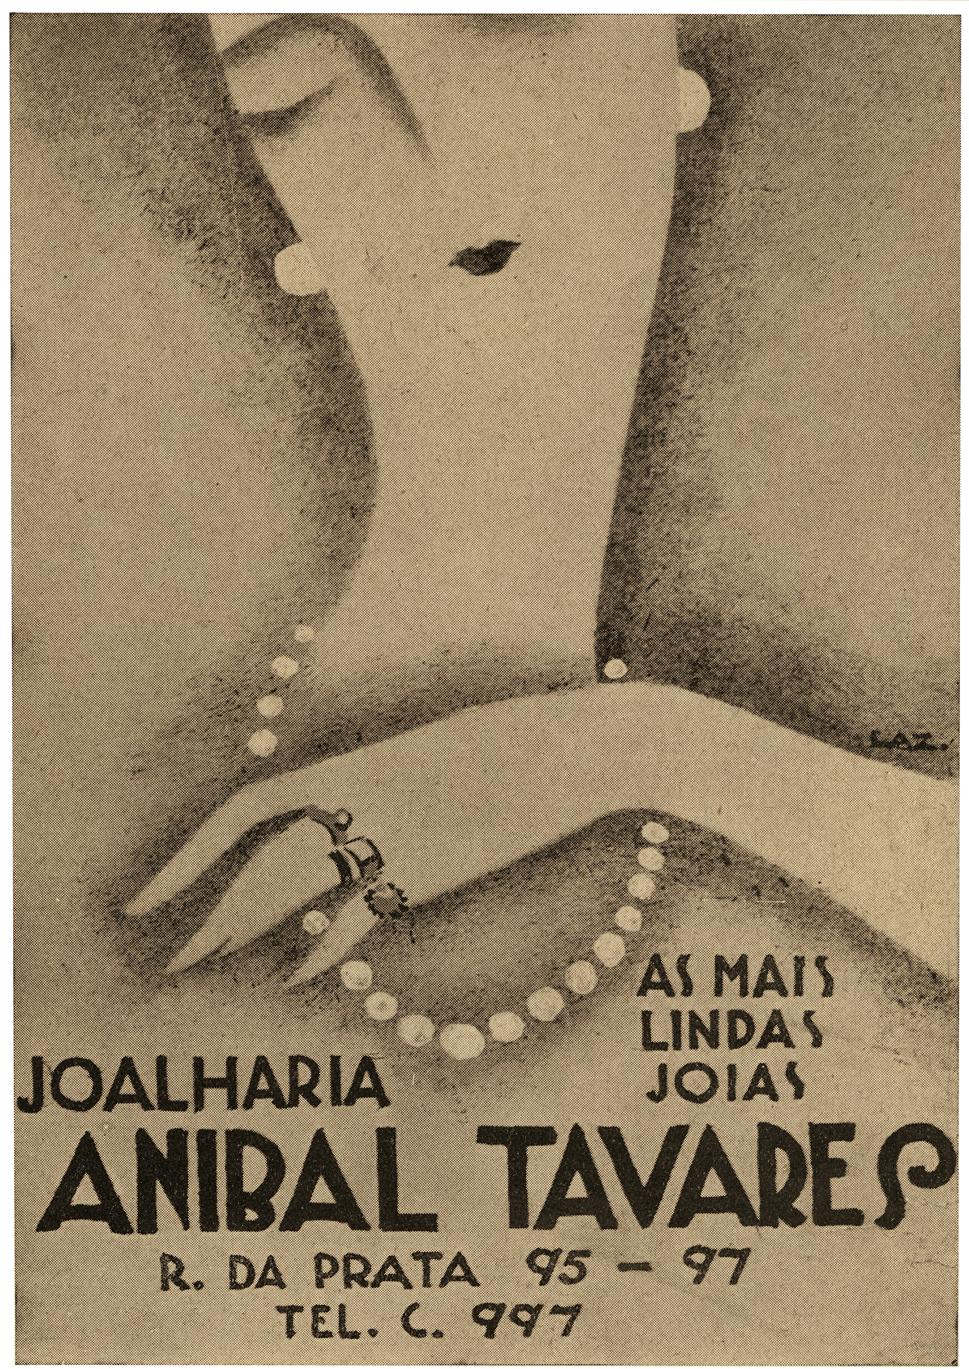 anibal tavares, 17, 13 mai 1930